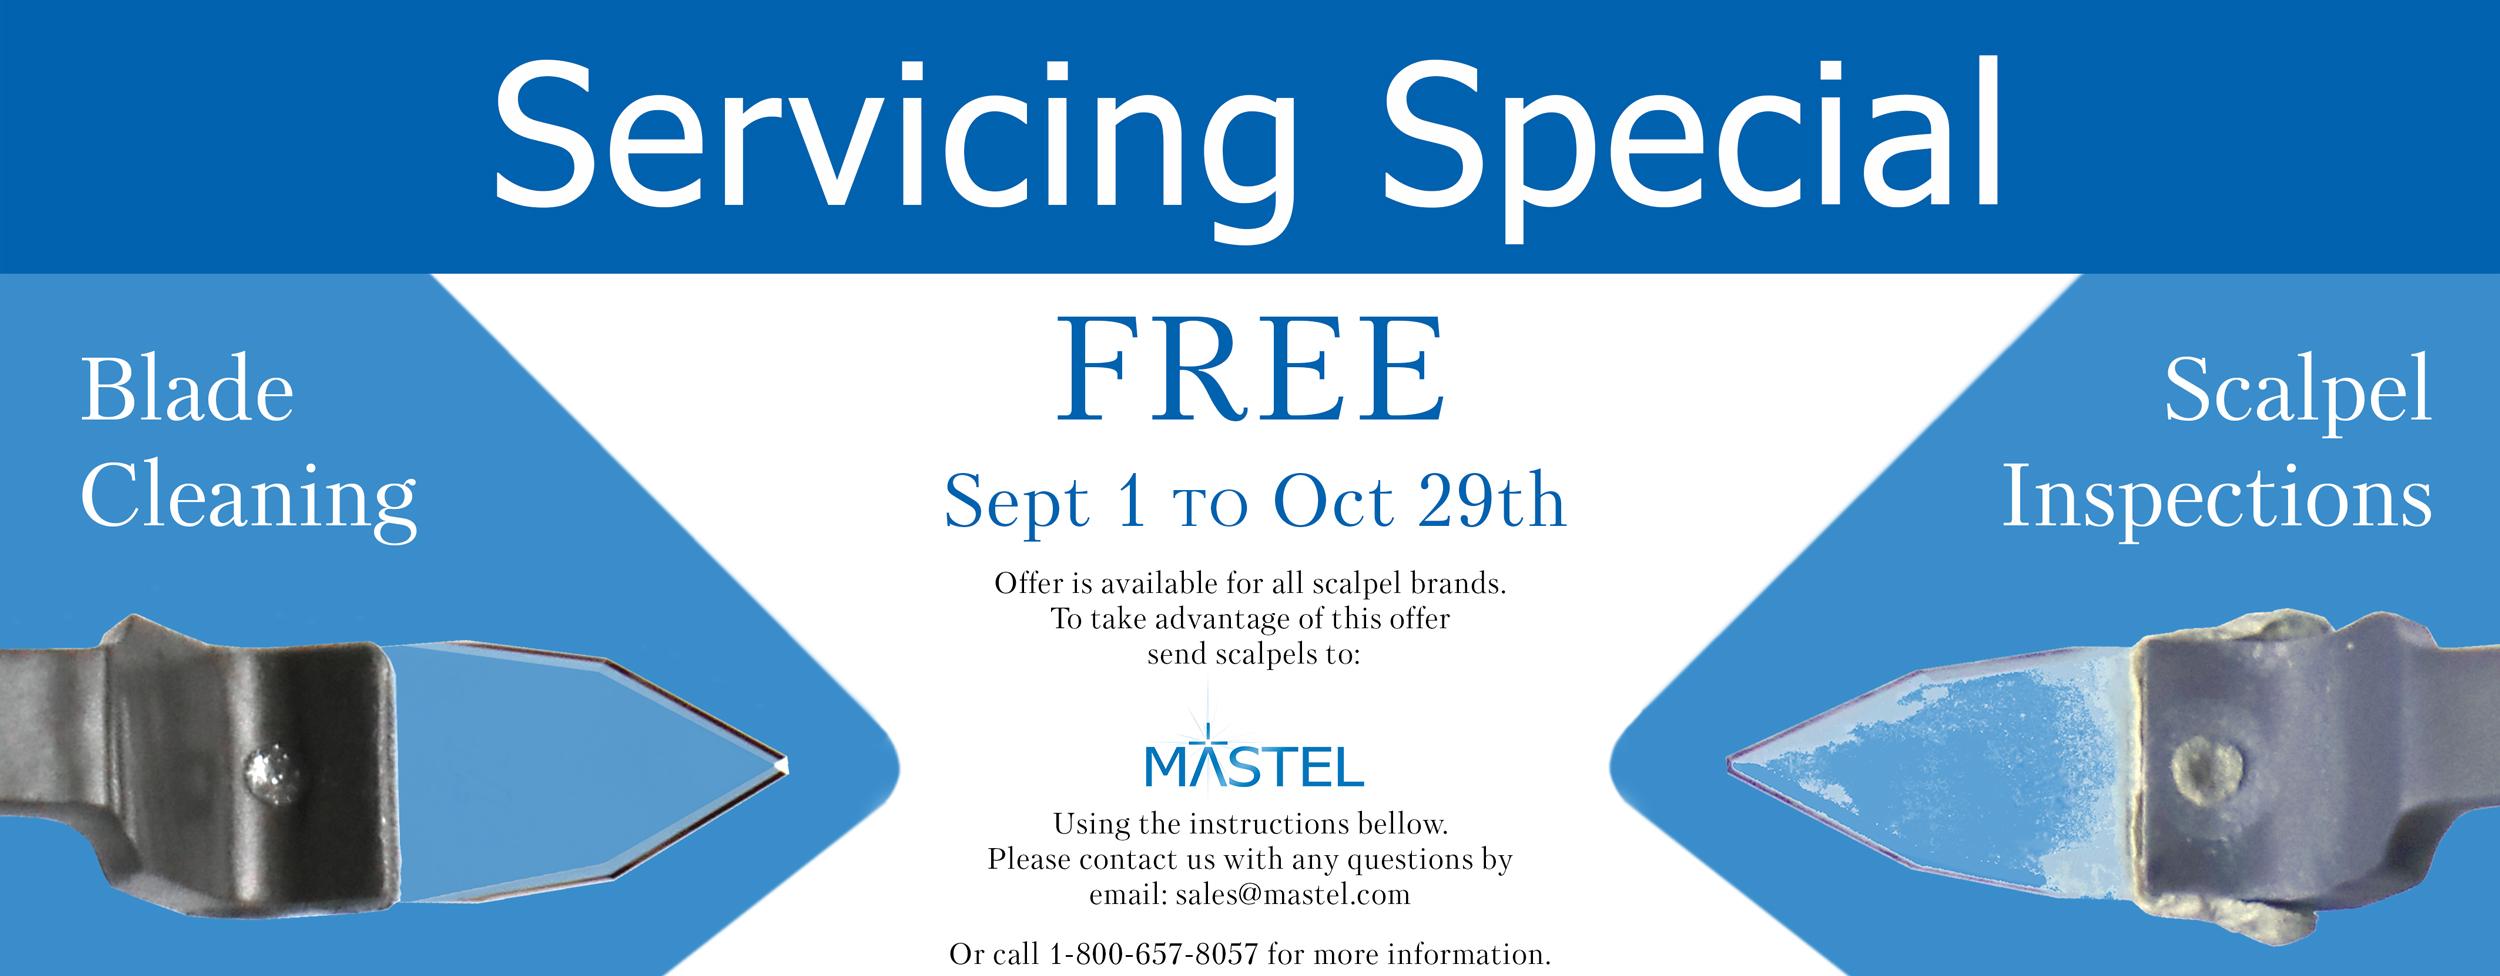 Servicing-Special